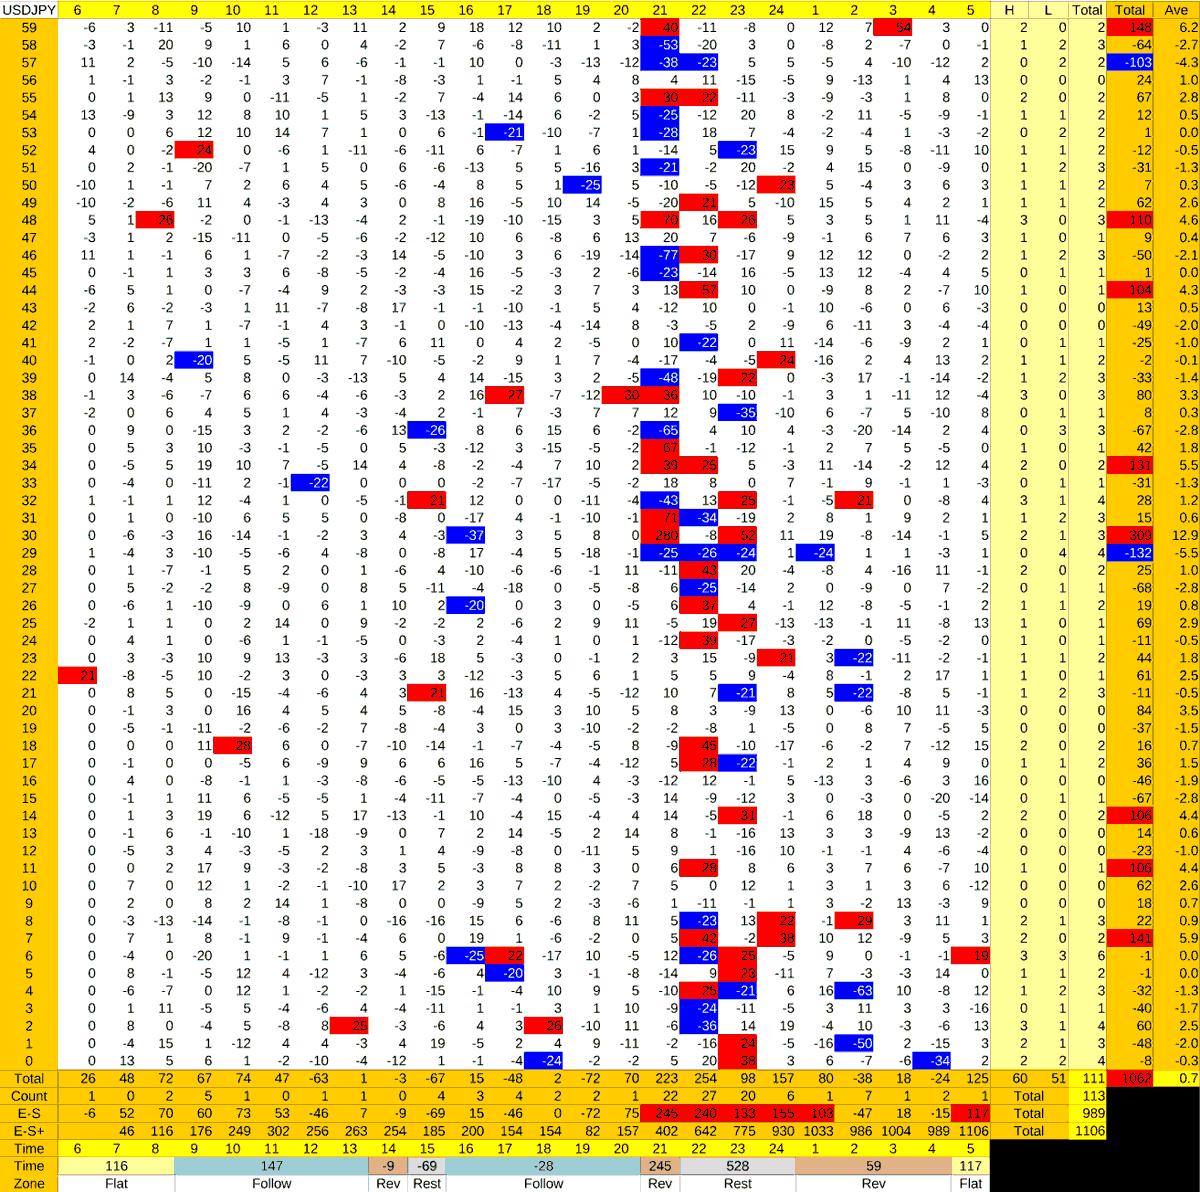 20210512_HS(1)USDJPY